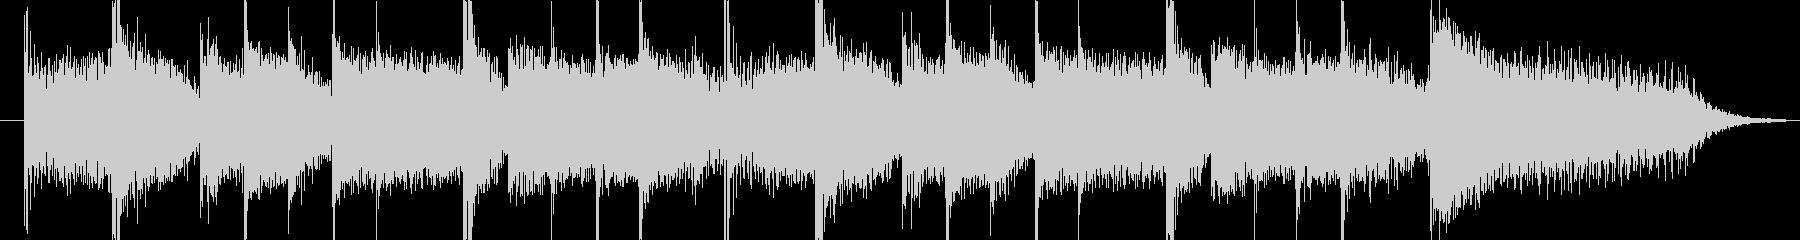 脱力系ピアノによるコミカルなジングルの未再生の波形